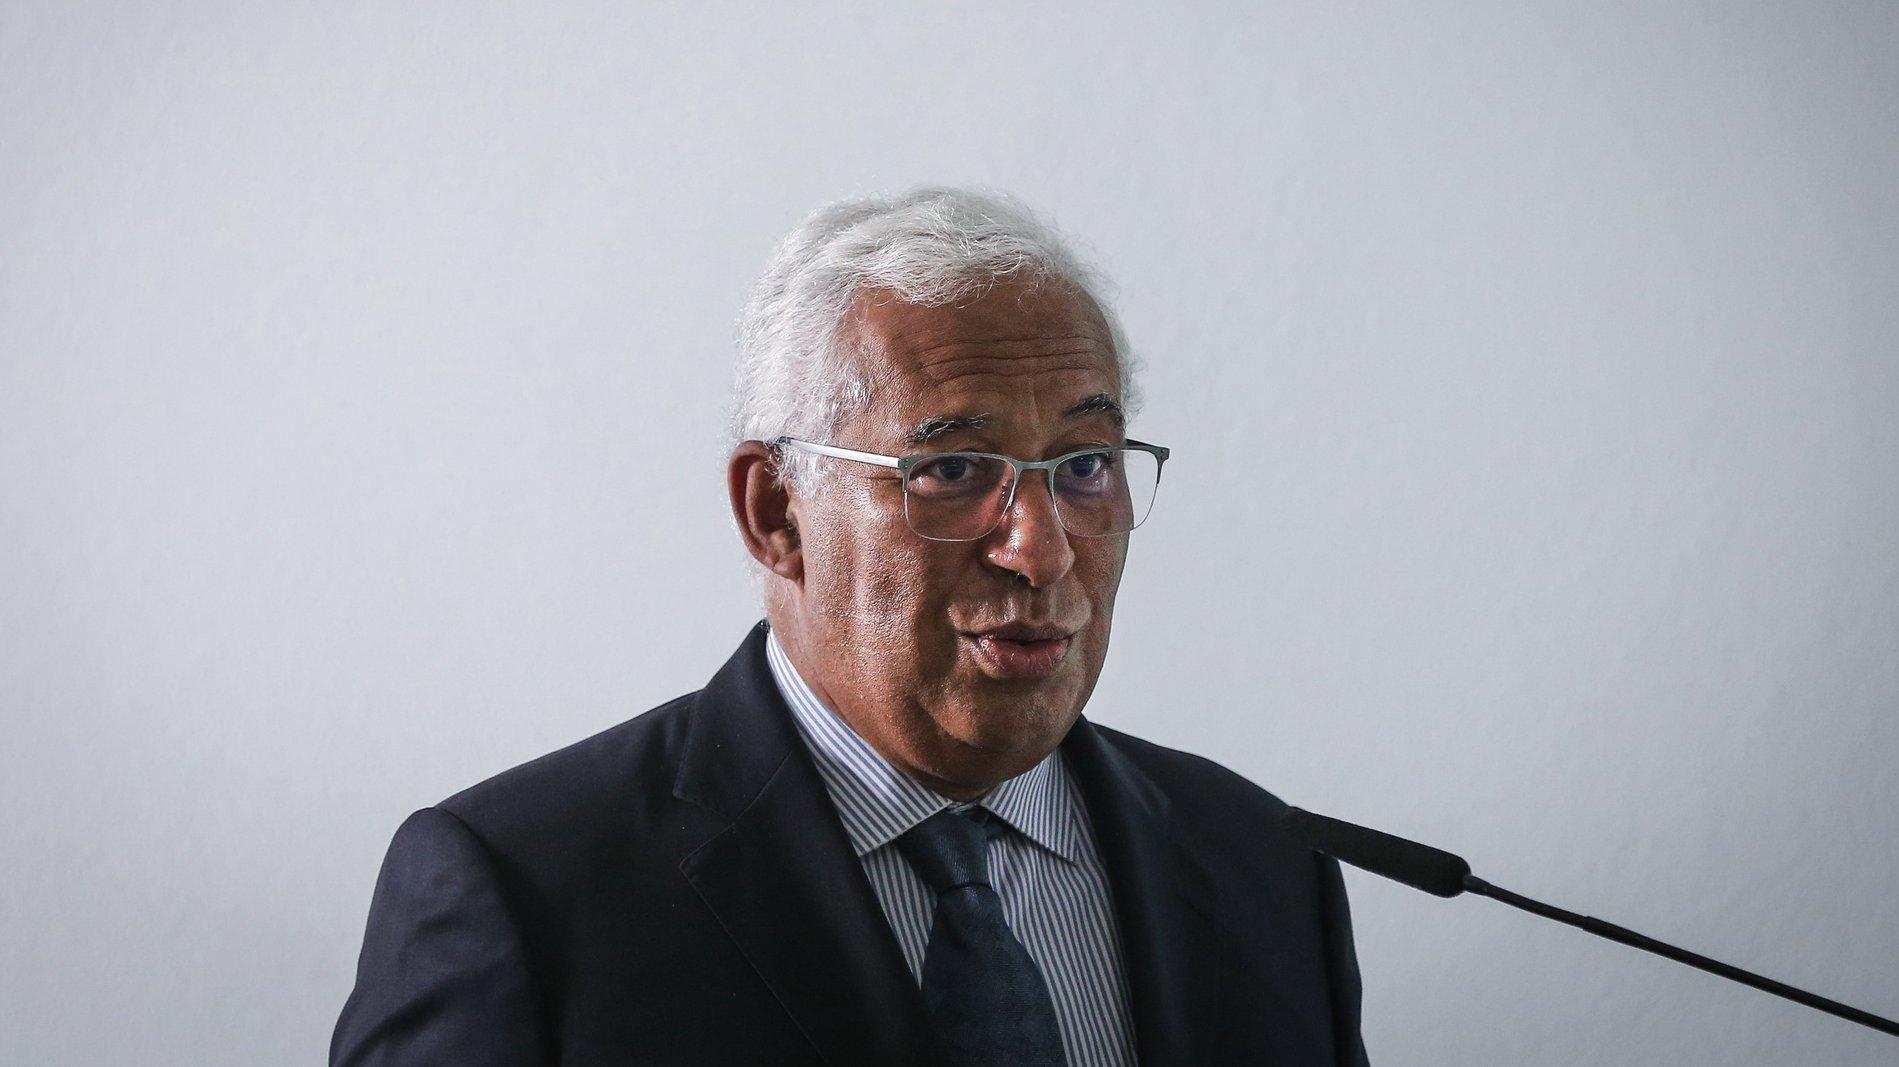 O primeiro ministro António Costa usa da palavra durante a ultima reunião do Plano de vacinação contra a Covid-19, em Oeiras , 28 de setembro de 2021.  RODRIGO ANTUNES/LUSA